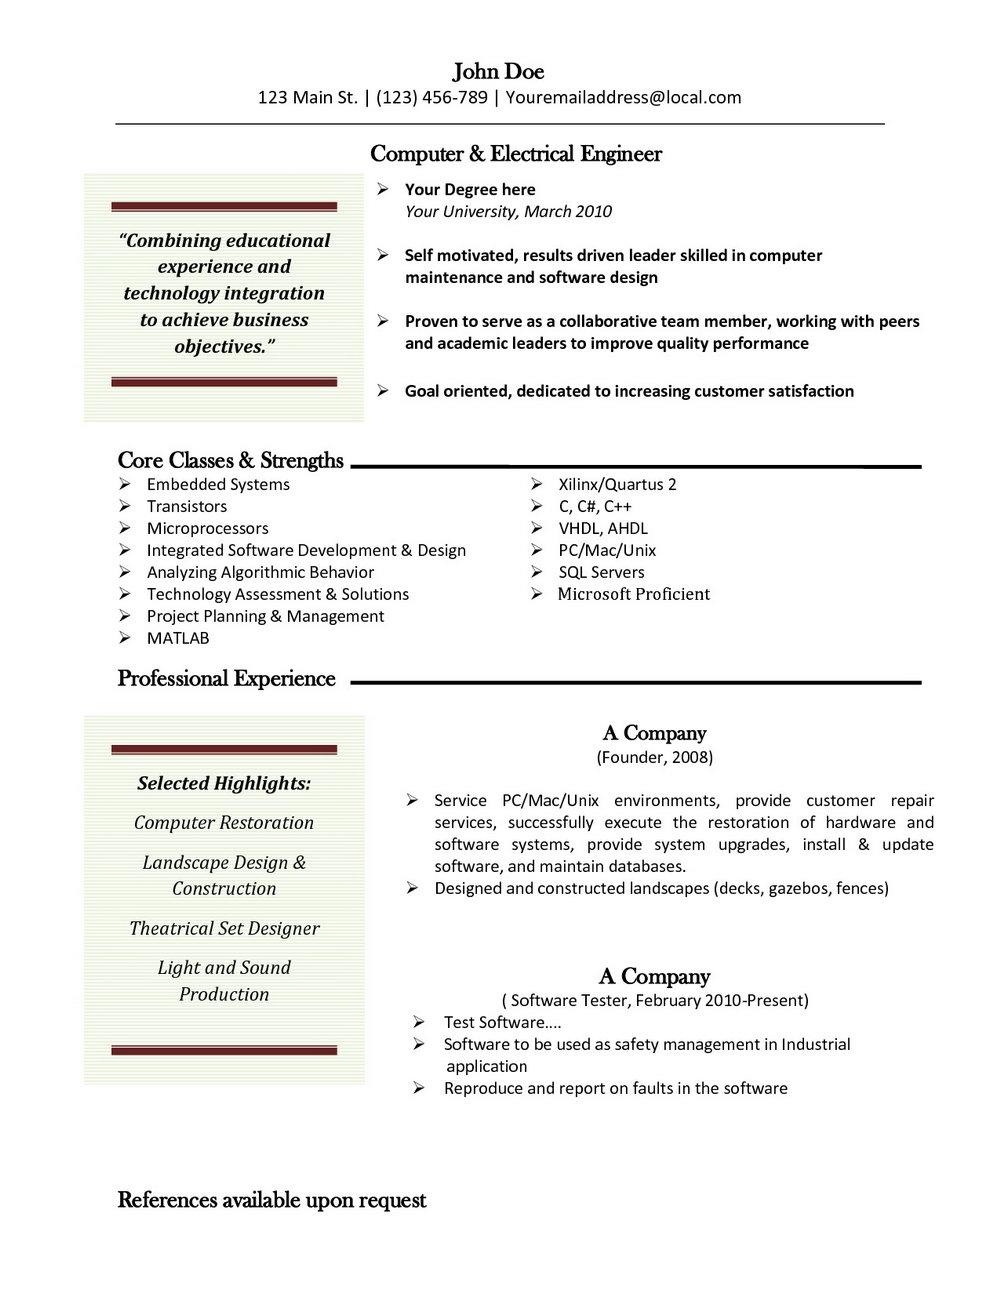 Word Resume Template Mac